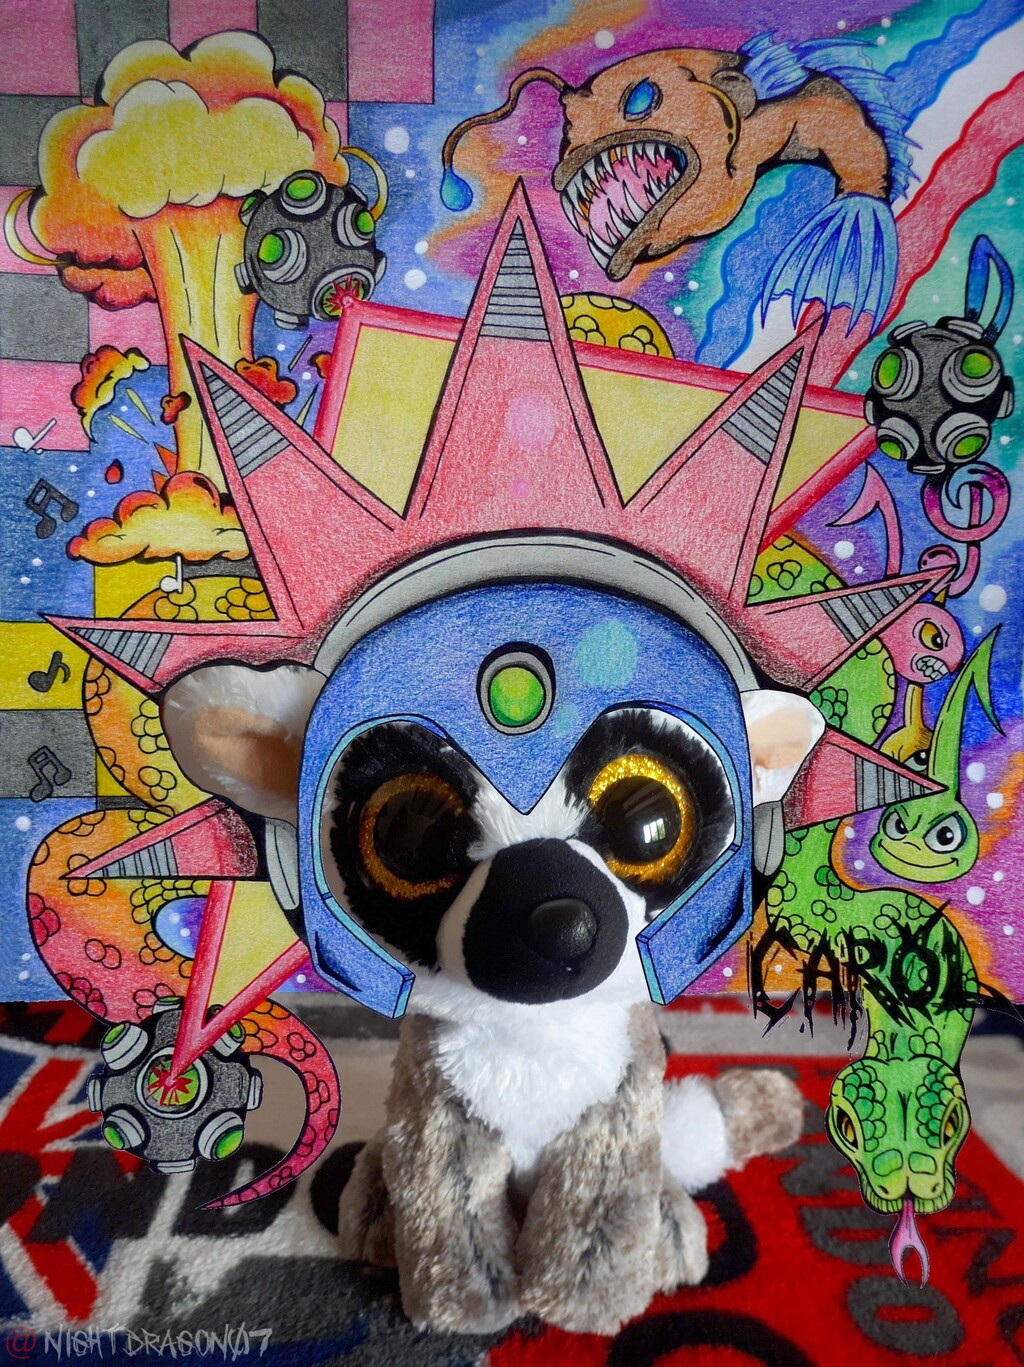 [Fantasy Lemurs] I'm an explosive artist